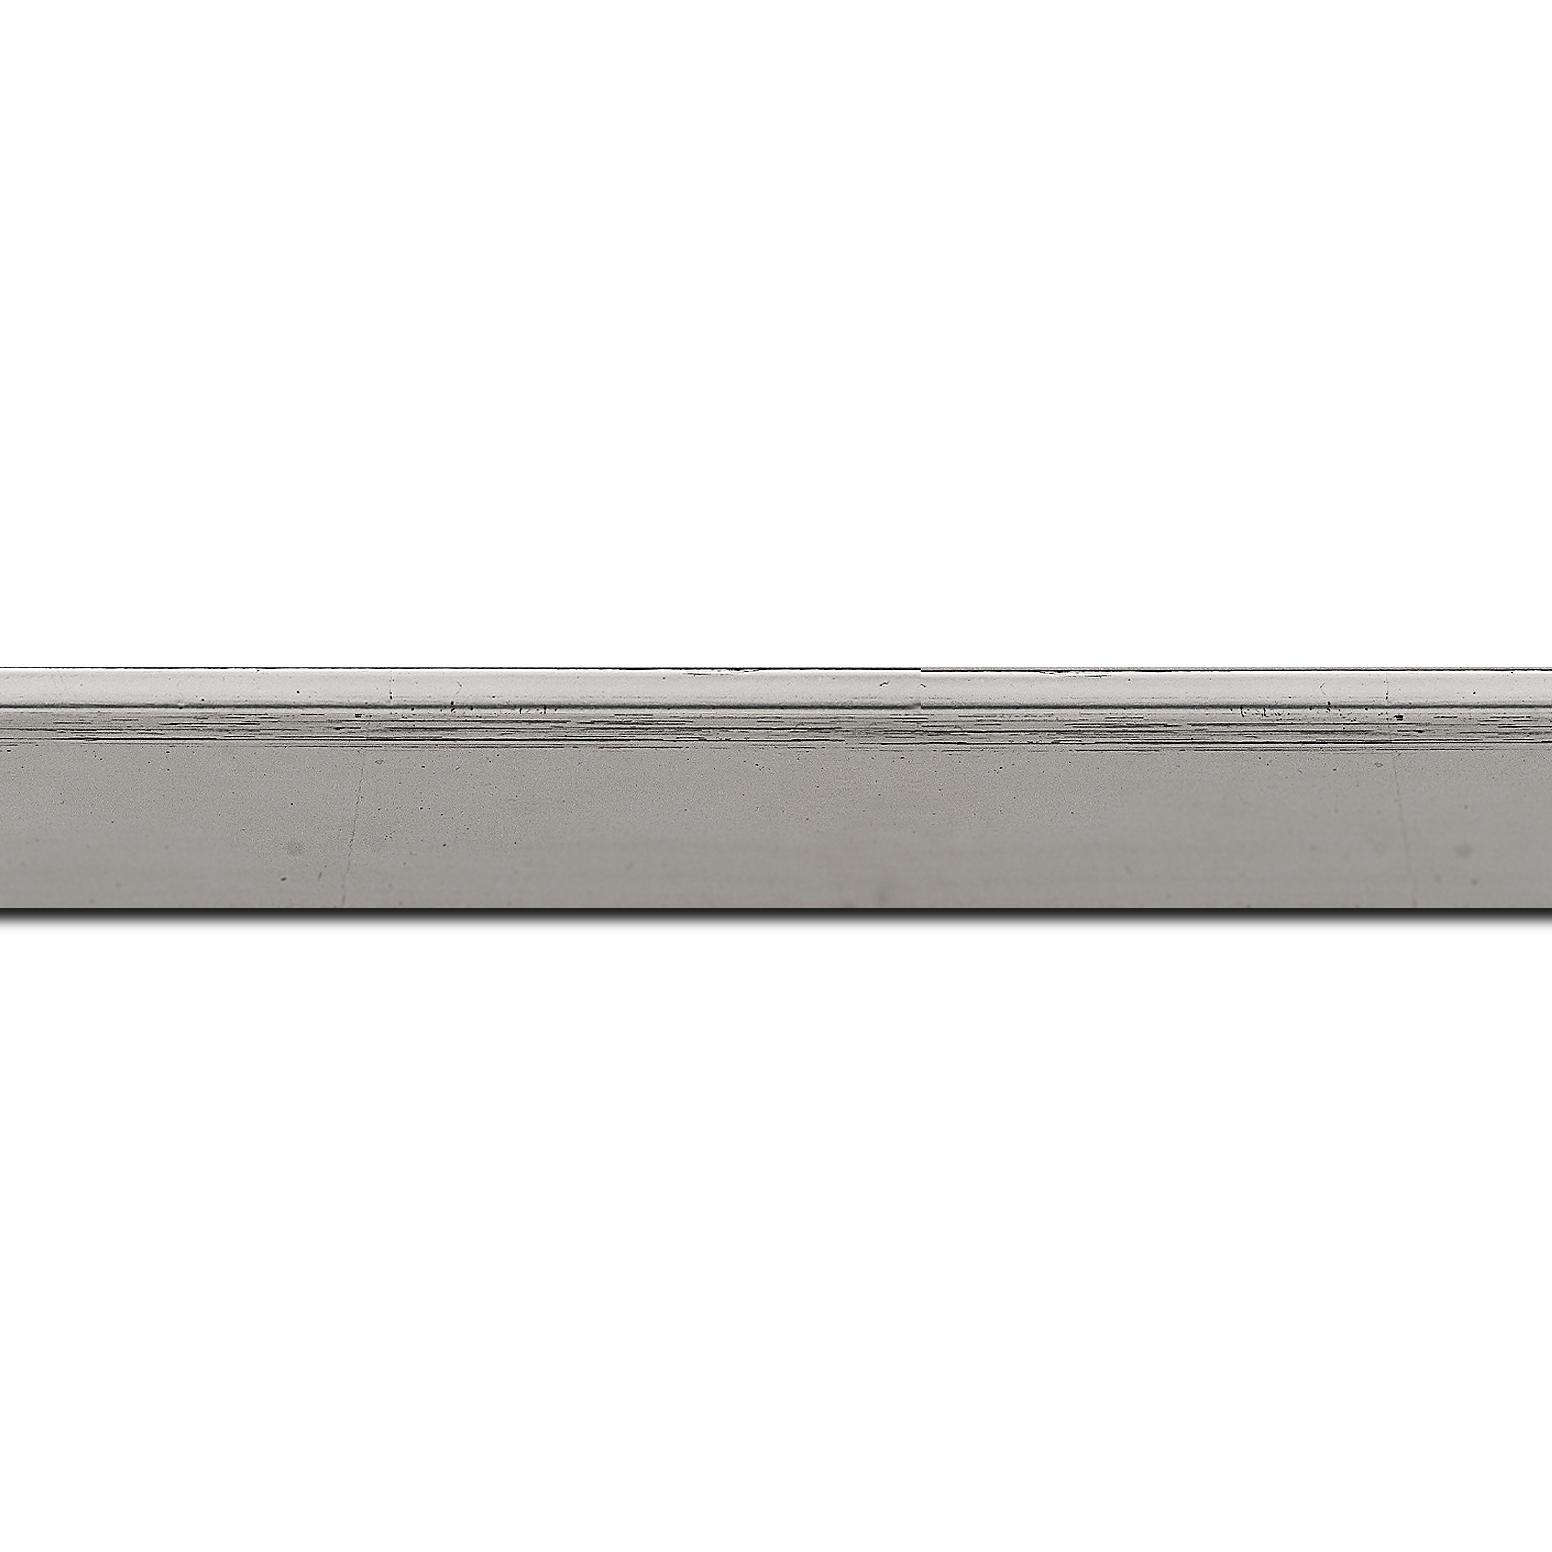 Pack par 12m, bois profil en pente plongeant largeur 2.2cm couleur argent coté extérieur foncé. finition haut de gamme car dorure à l'eau fait main (longueur baguette pouvant varier entre 2.40m et 3m selon arrivage des bois)